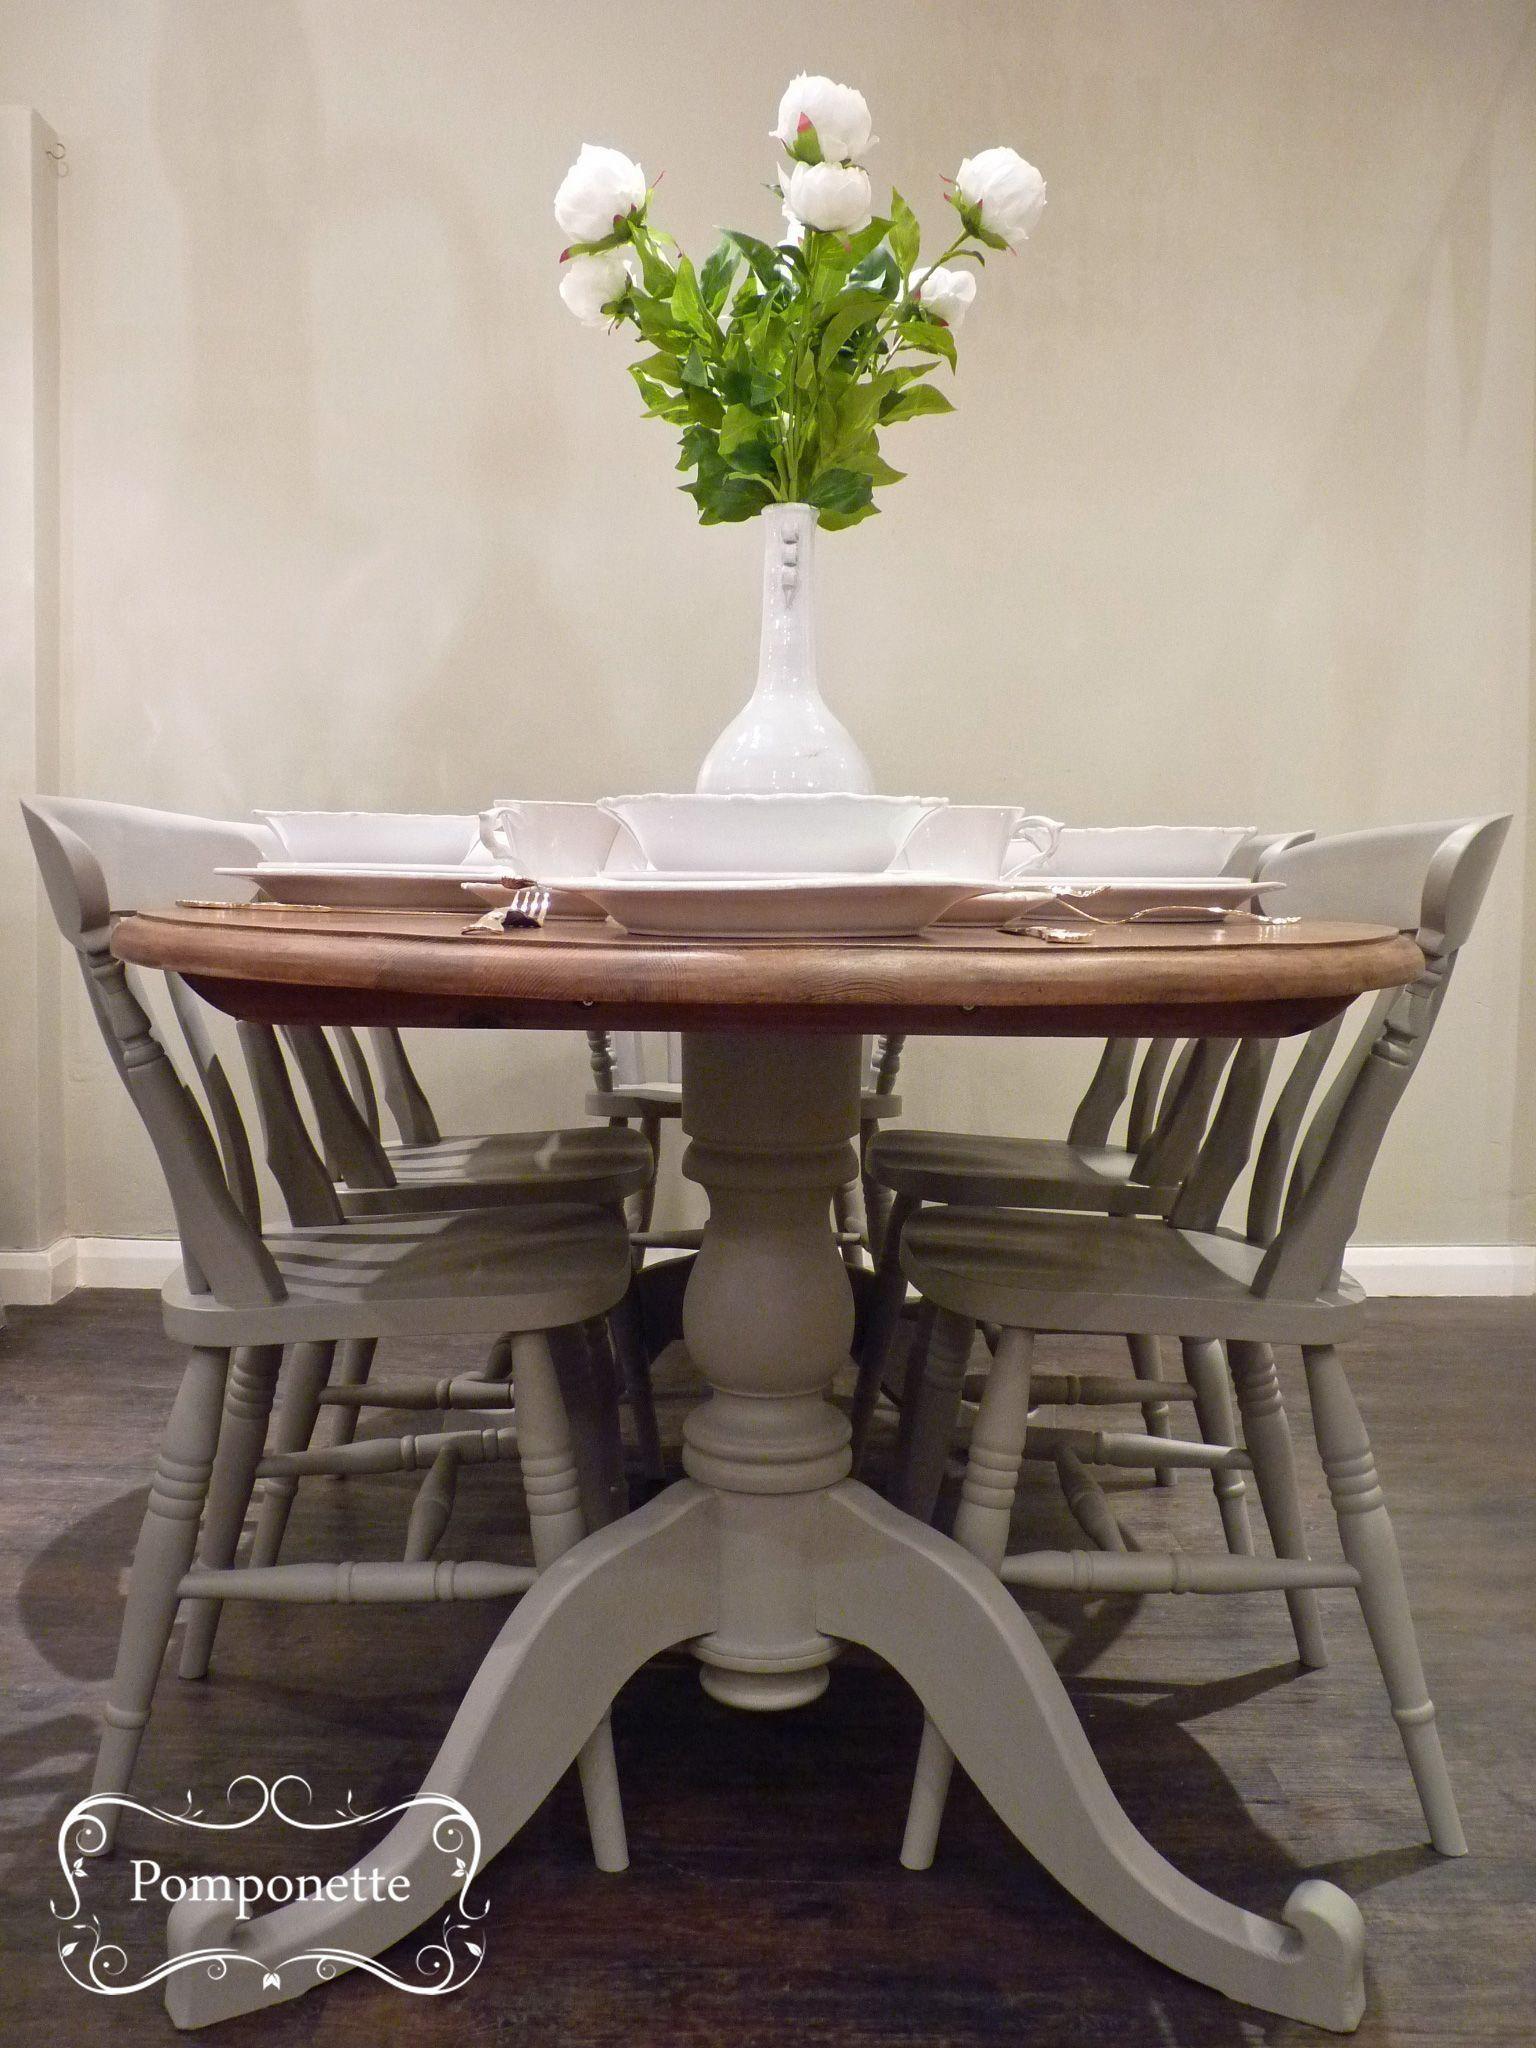 Trendige Kleine Ovale Esstisch Mit Ovaler Küchentisch